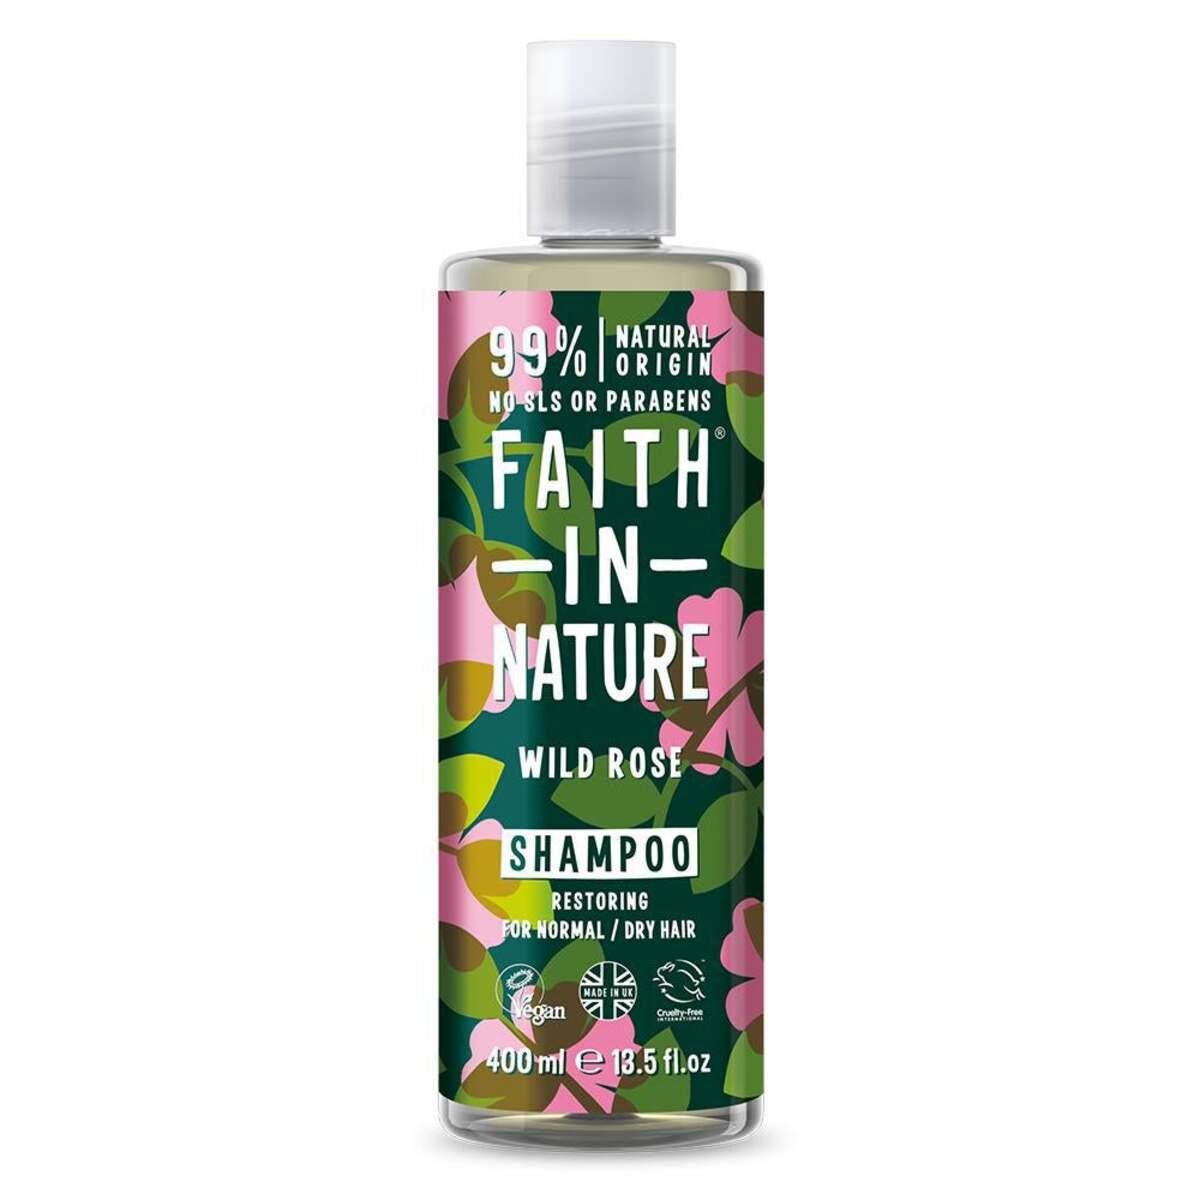 Bild 1 von Faith in Nature Shampoo Wild Rose